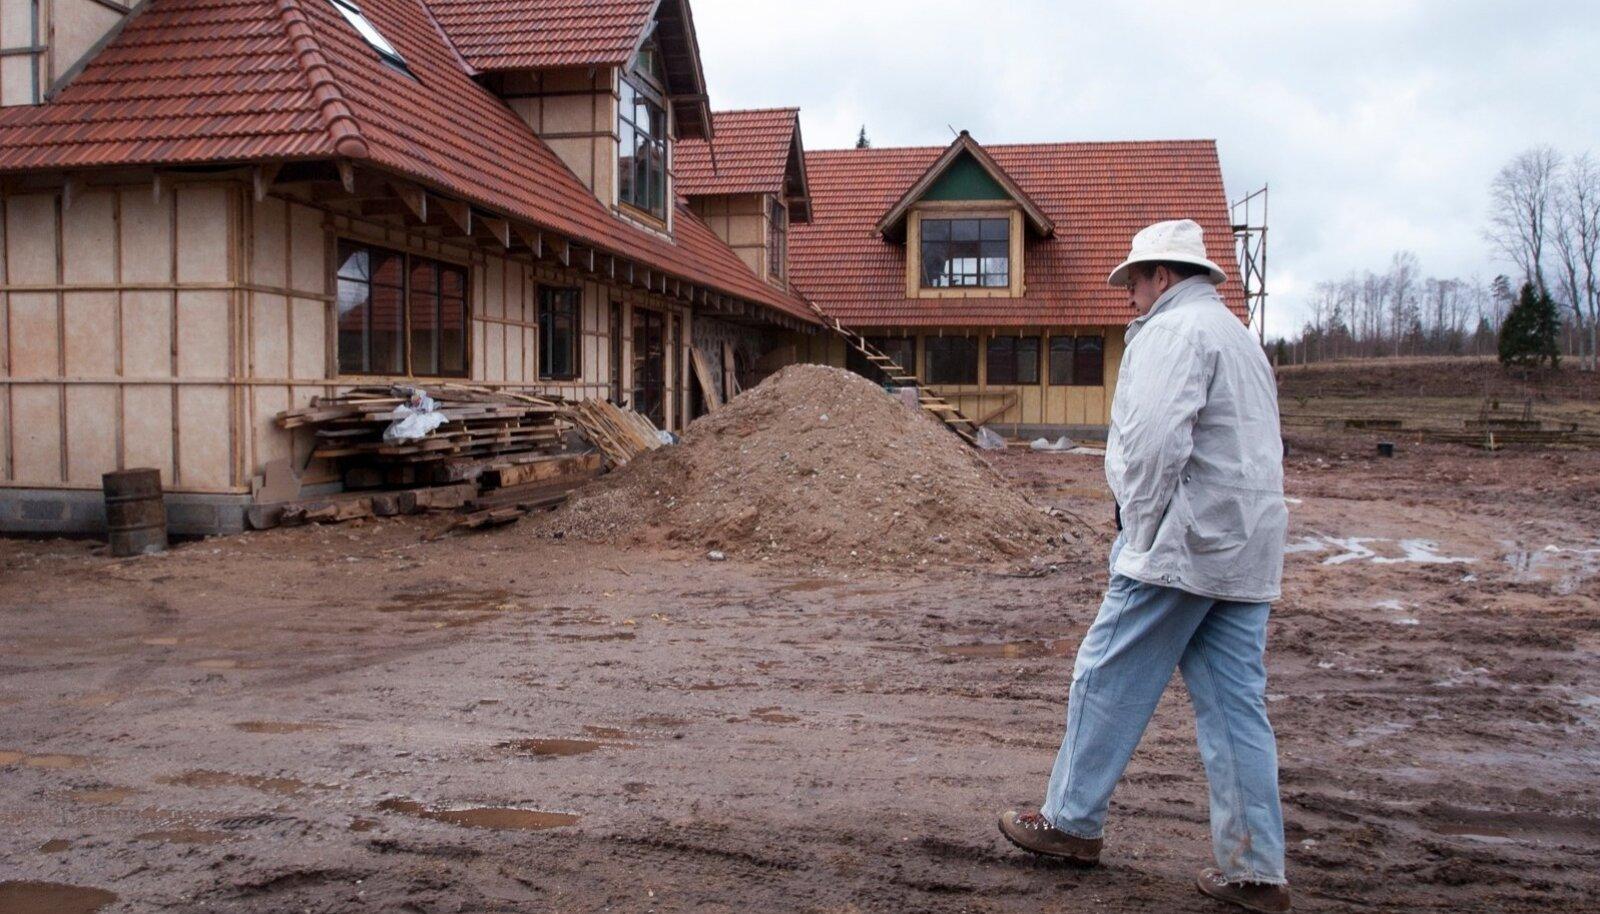 Sel 2006. aastal tehtud fotol kõnnib toonane europarlamendi liige Toomas Hendrik Ilves Ärma talu kerkivate hoonete taustal. Pool aastat hiljem sai temast president ja 2007. aastal otsustati, et turismiga EAS-i toetuse eest Ärmal siiski tegelema ei hakata.